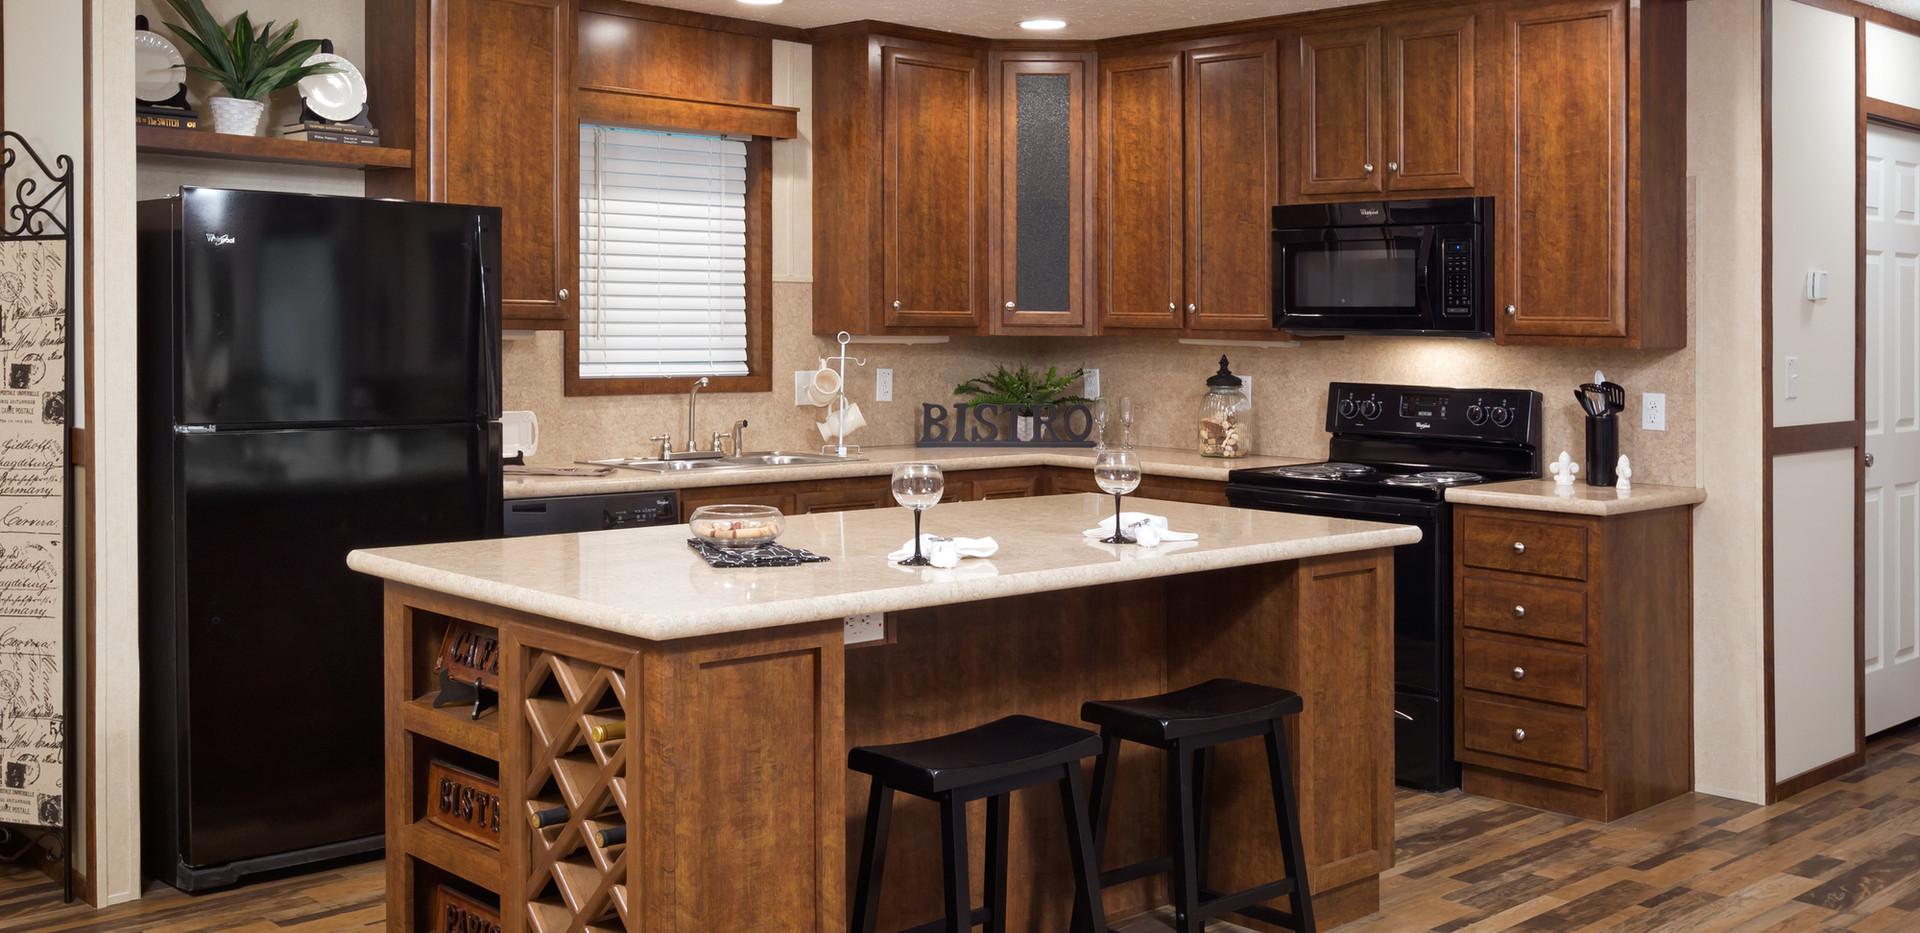 Dutch Diamond 2856-215-Kitchen.jpg